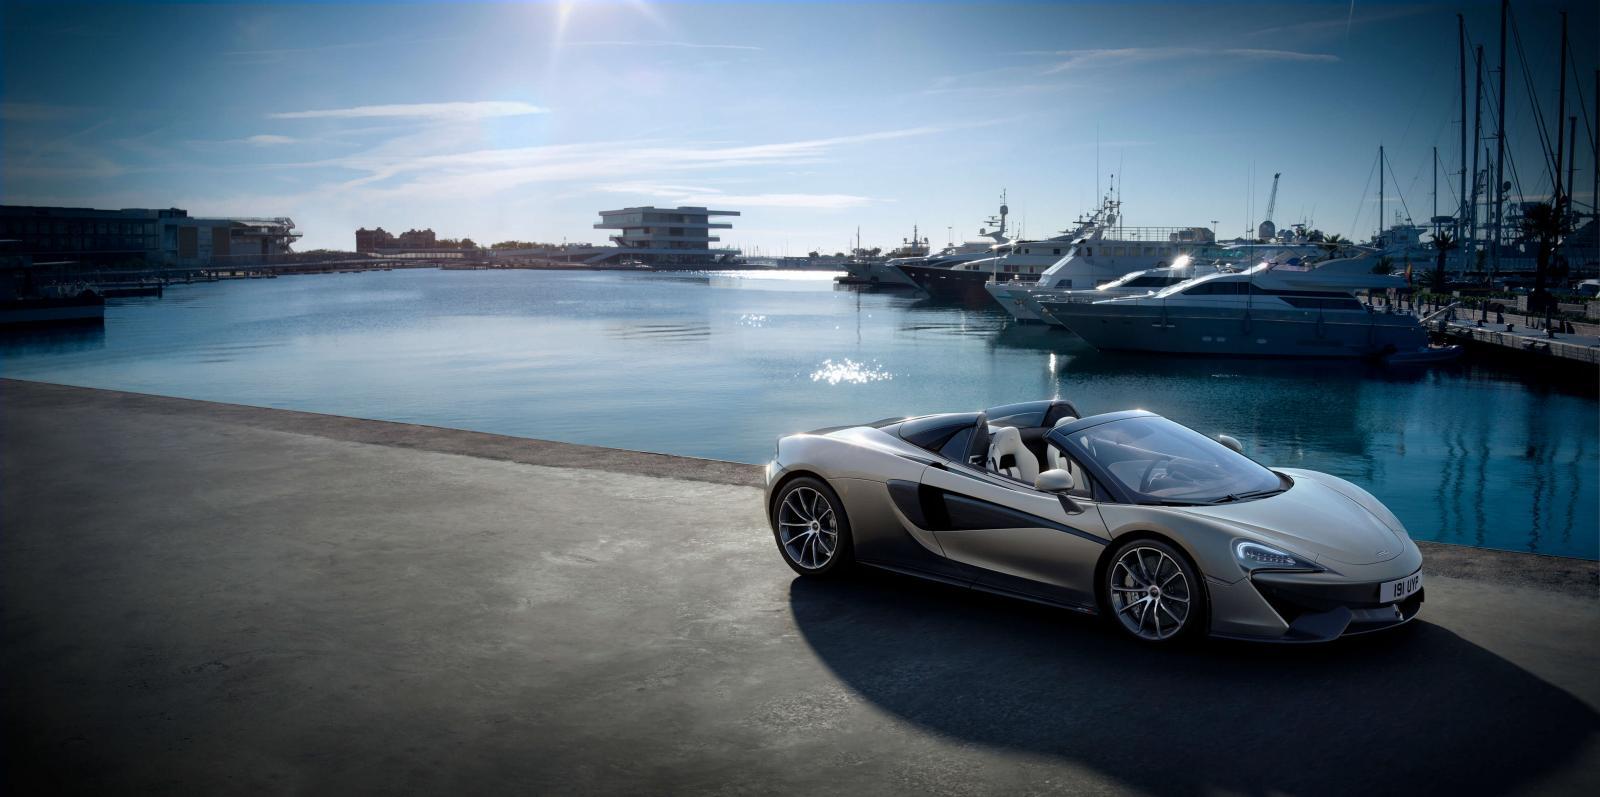 Mclaren Car - Monaco Yacht Show Car